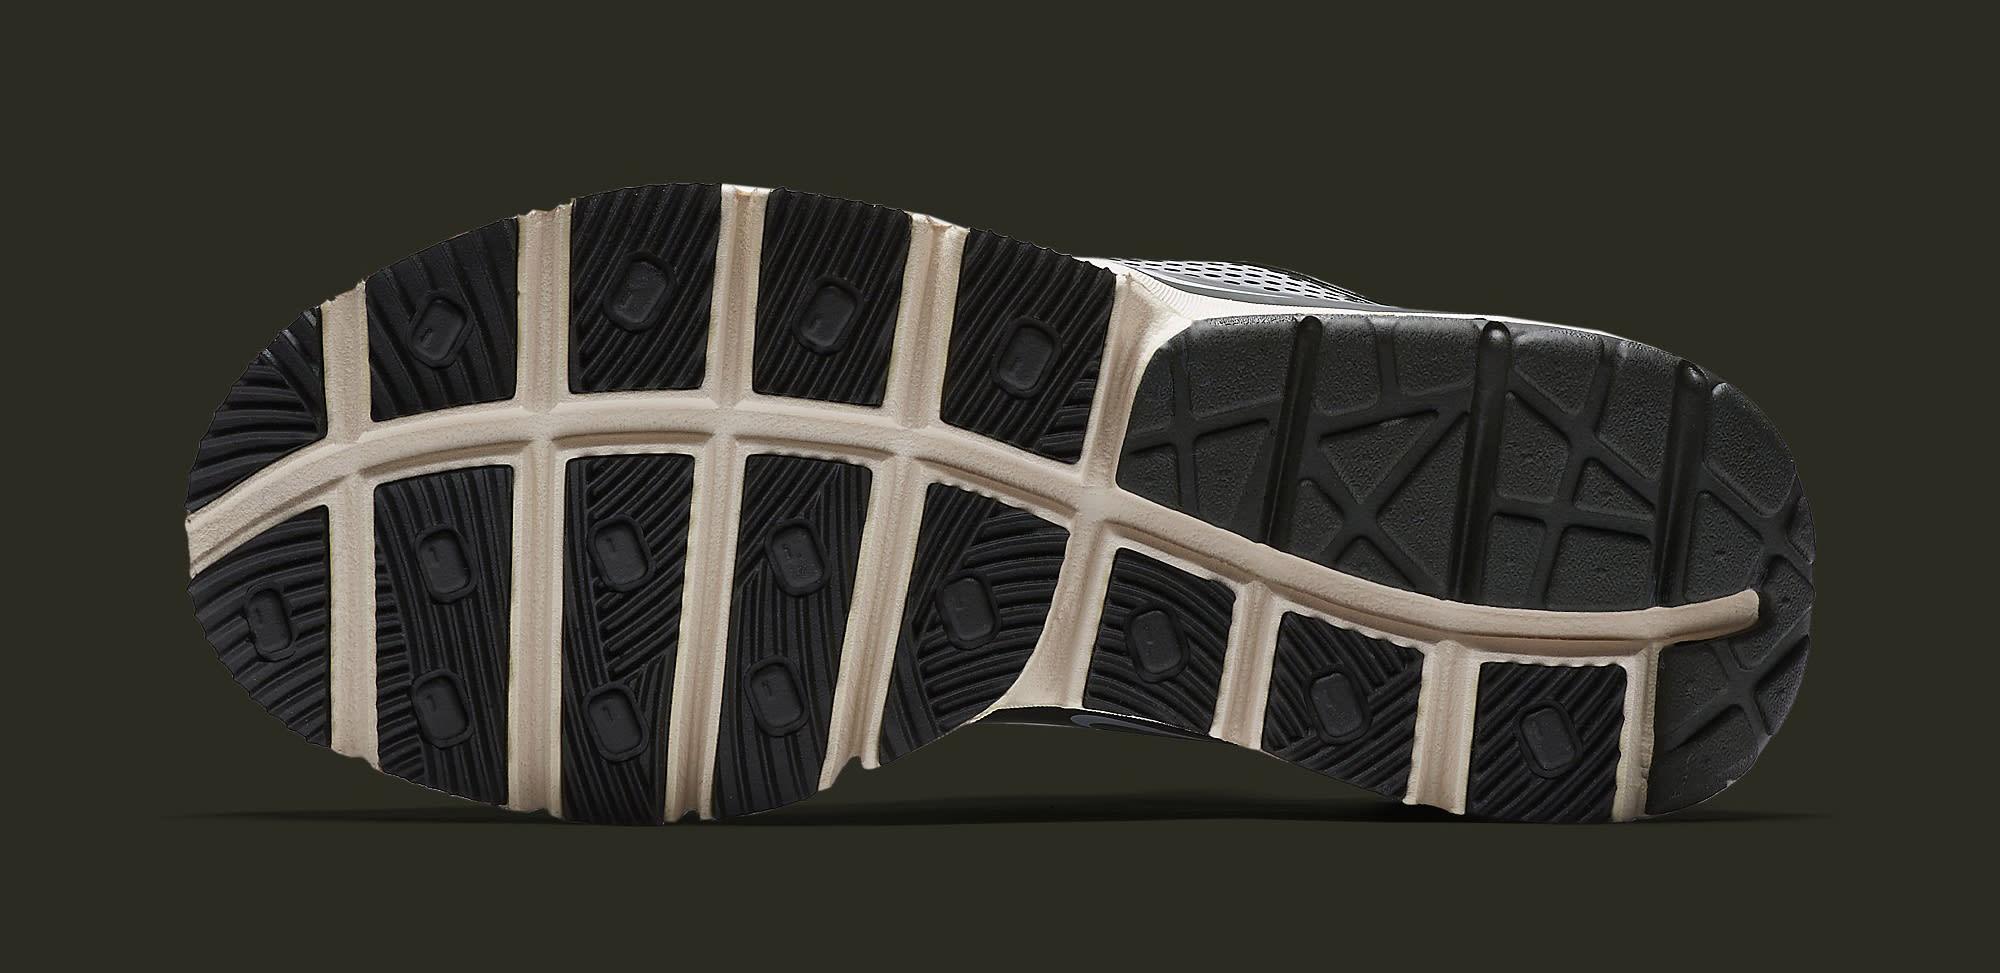 Stone Island Nike Sock Dart 910090-300 Sole